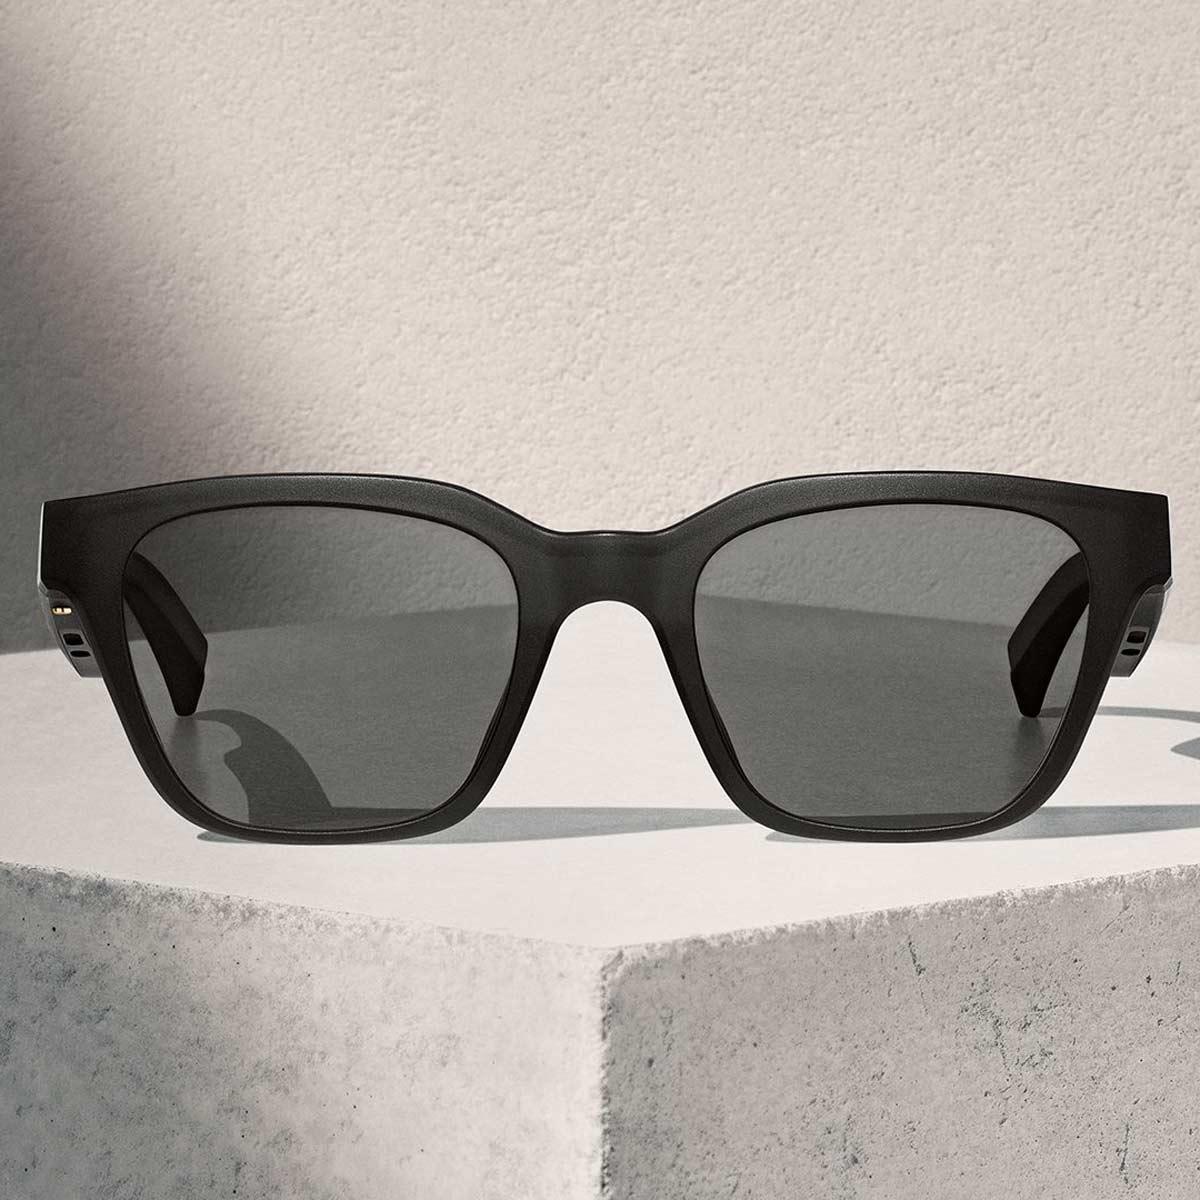 聴くAR? 音のARサングラス「Bose Frames」を体験